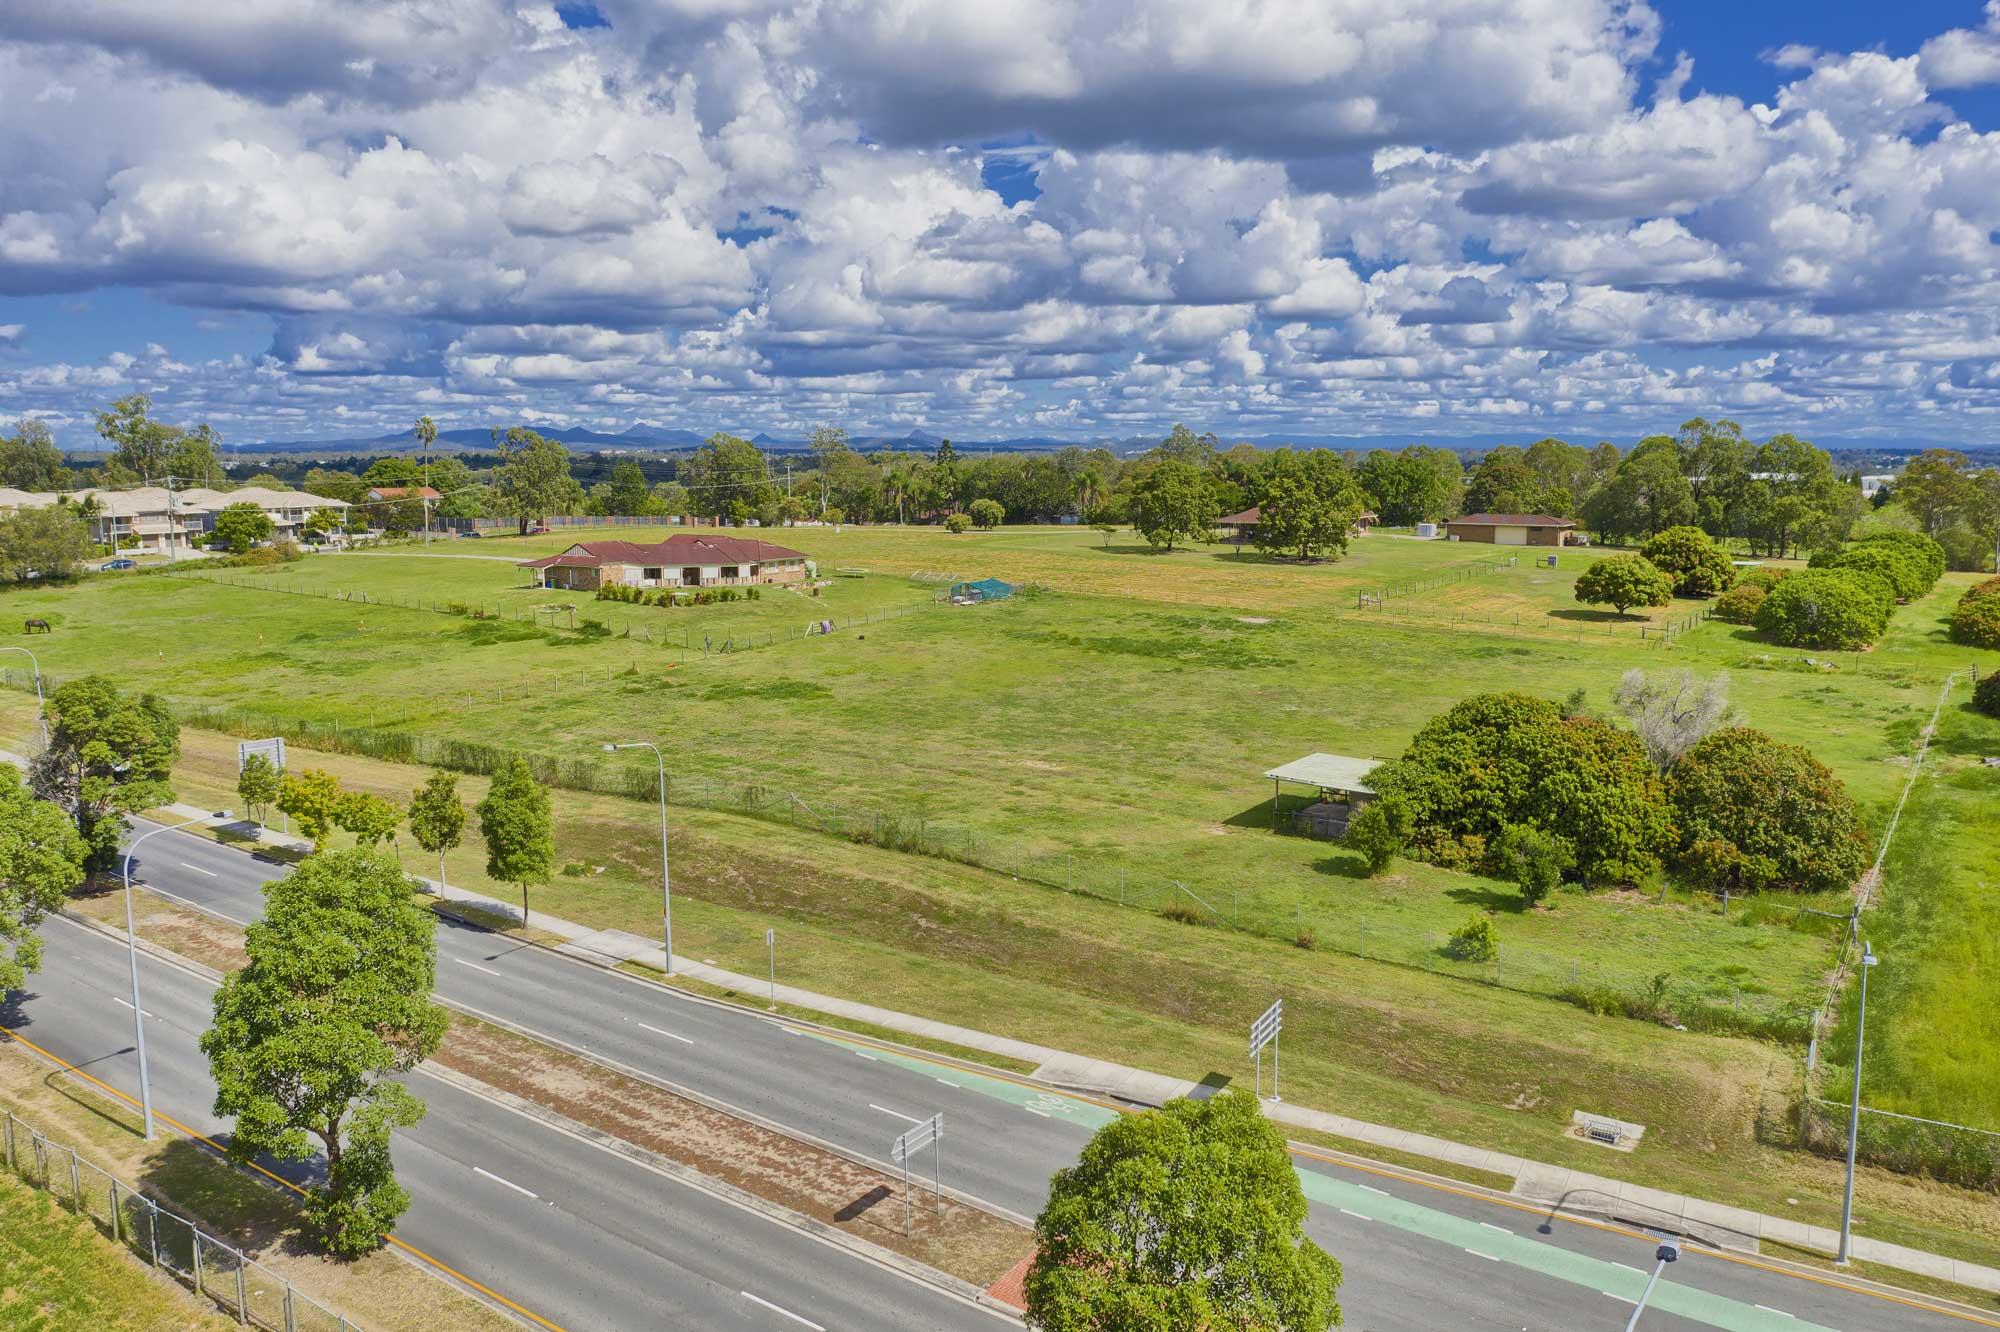 Drone Photography Brisbane - Land development site Richlands, Brisbane